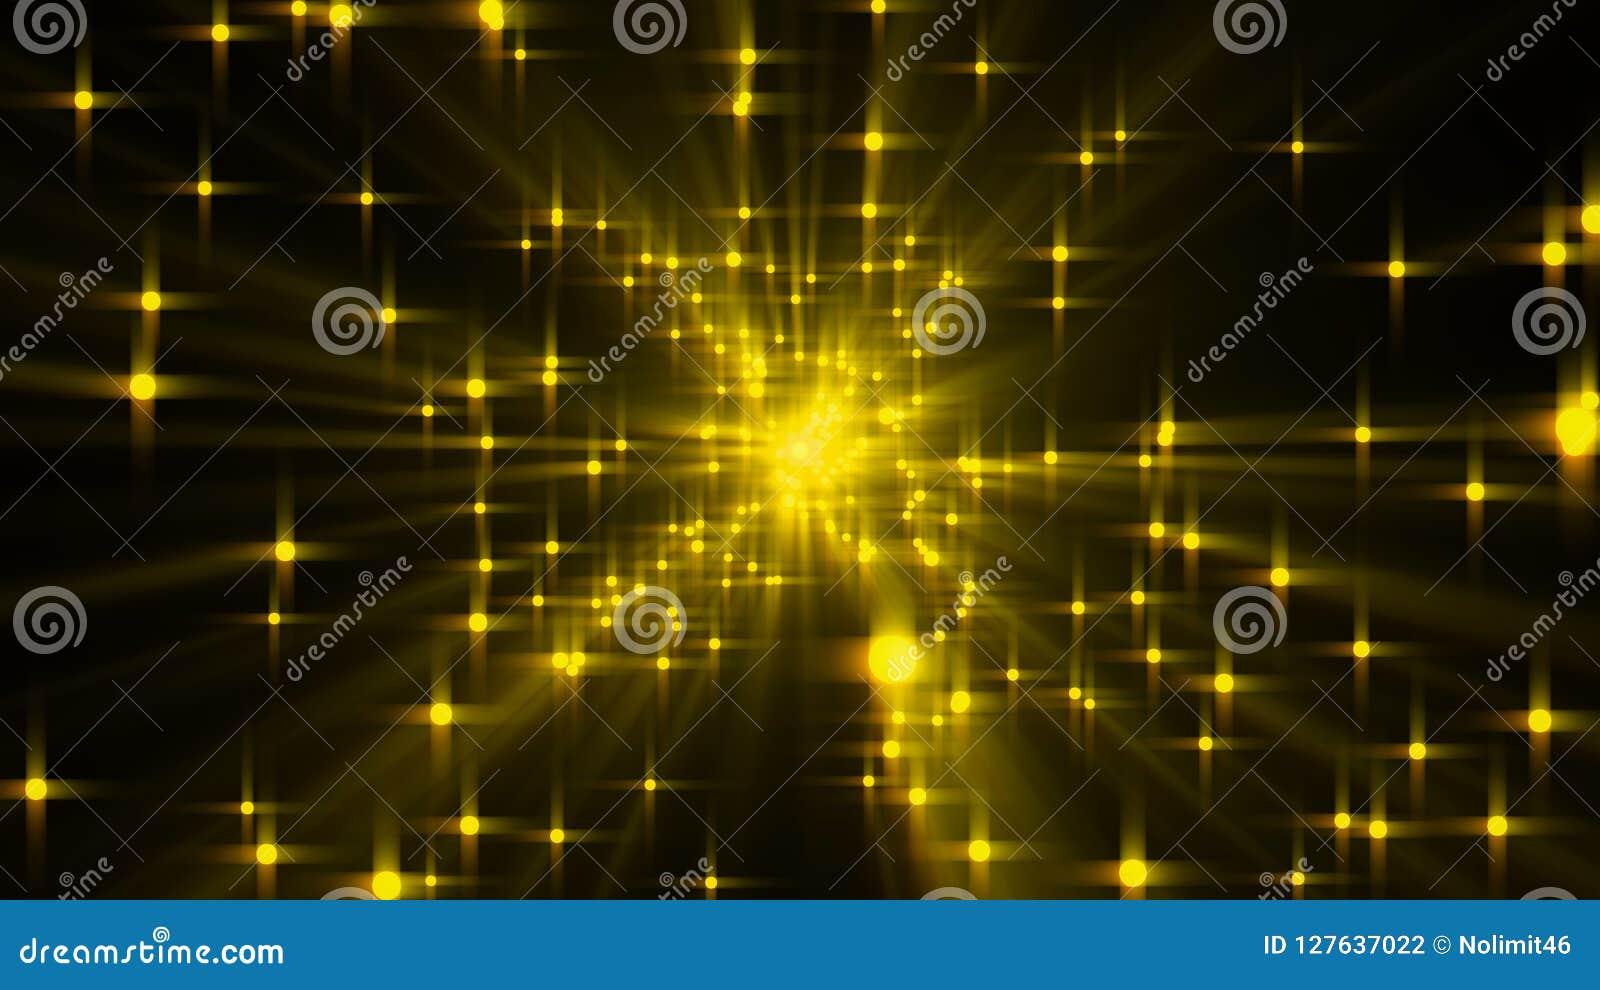 Explosionen av stjärnor med glans och linjer, 3d framför datoren frambragda bakgrunden